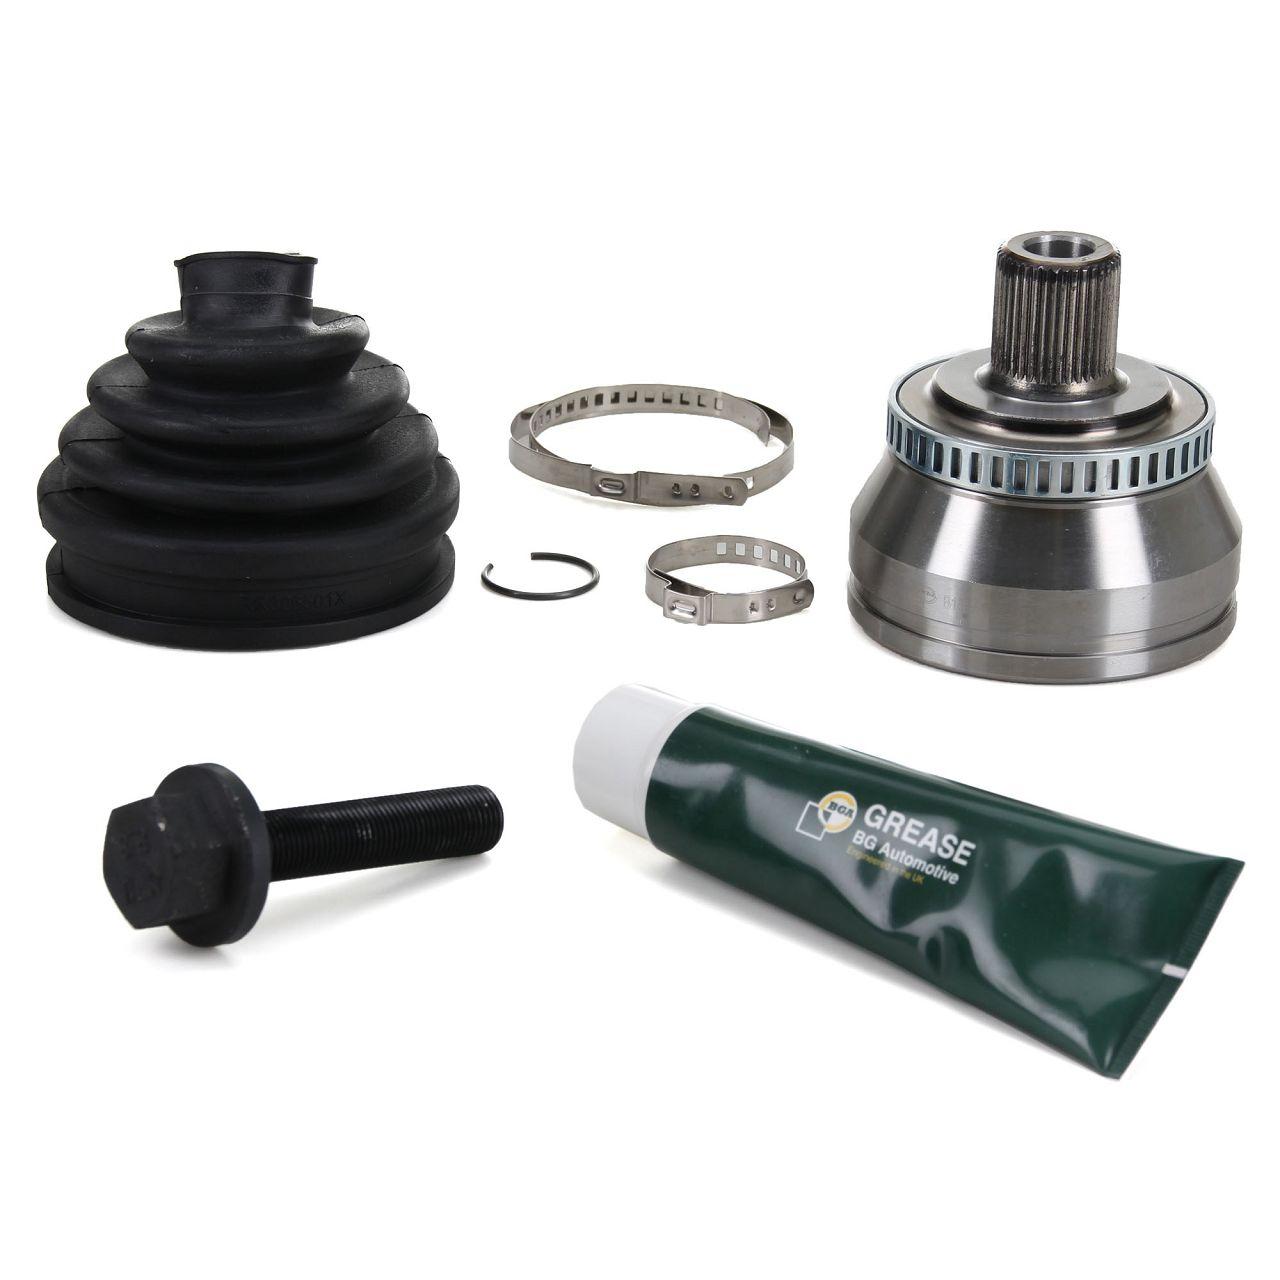 BGA Antriebsgelenk Gelenksatz für AUDI A4 B6 B7 + A4 CABRIO 8H vorne radseitig